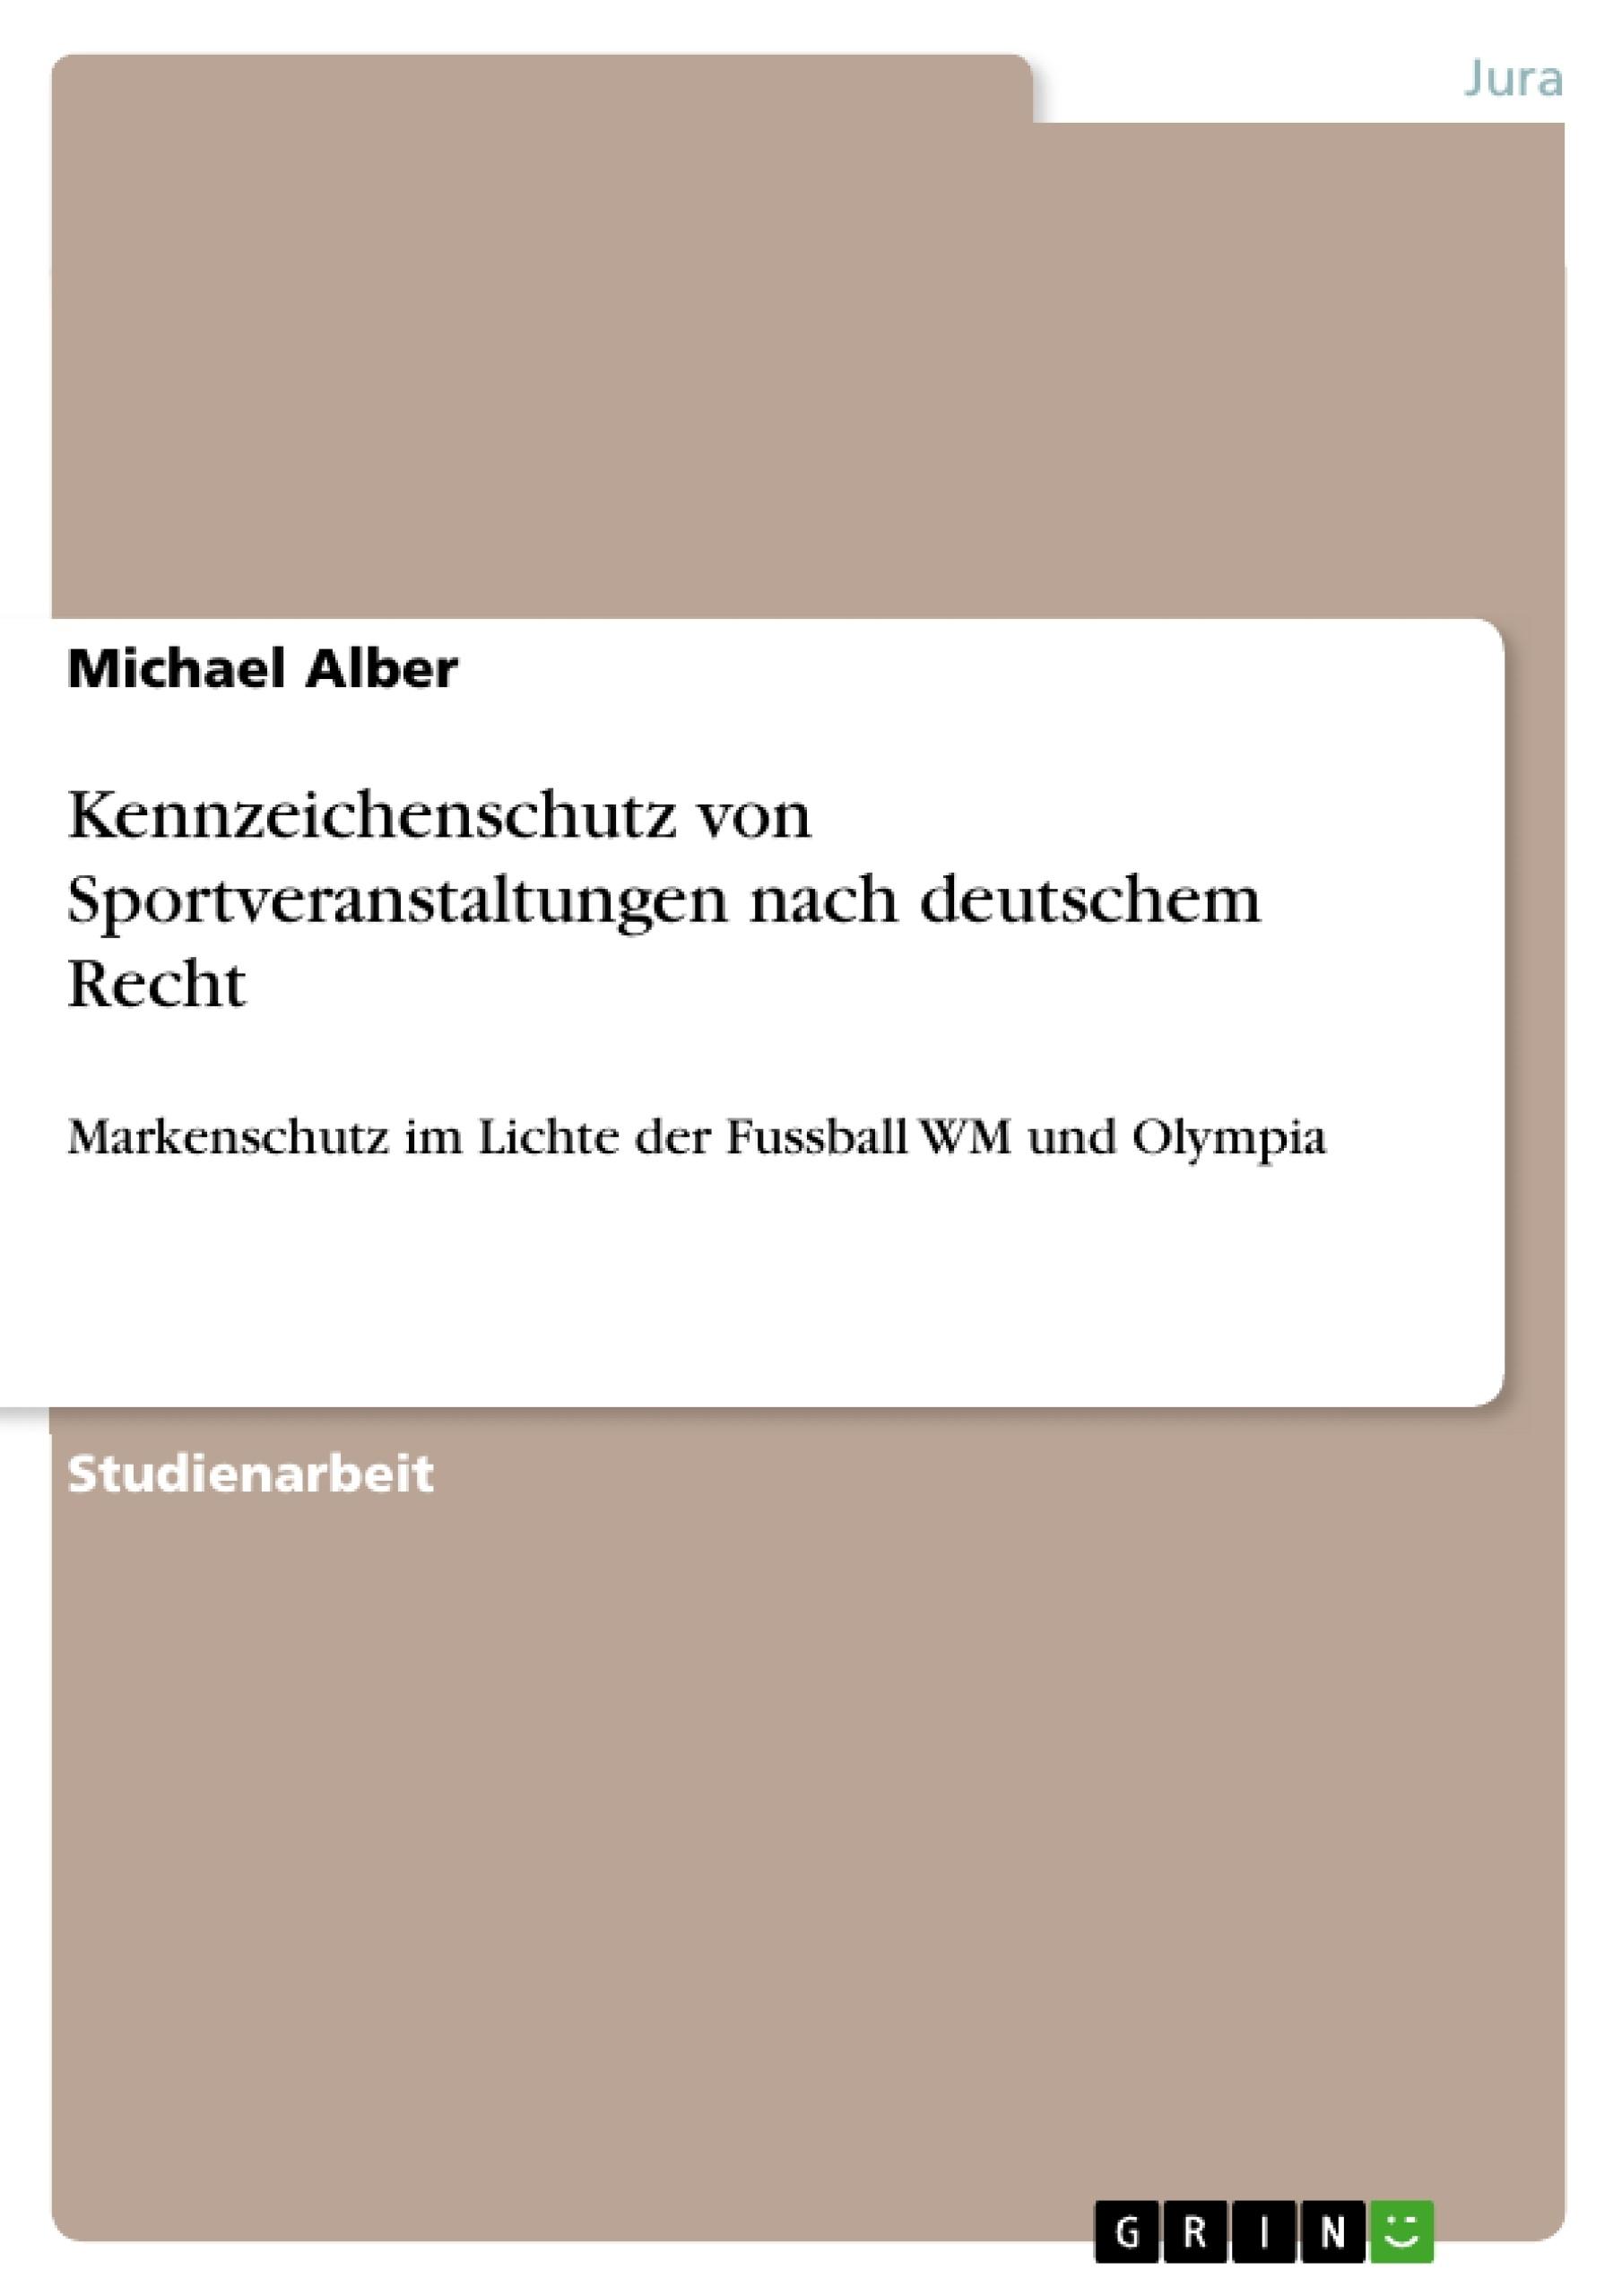 Titel: Kennzeichenschutz von Sportveranstaltungen nach deutschem Recht